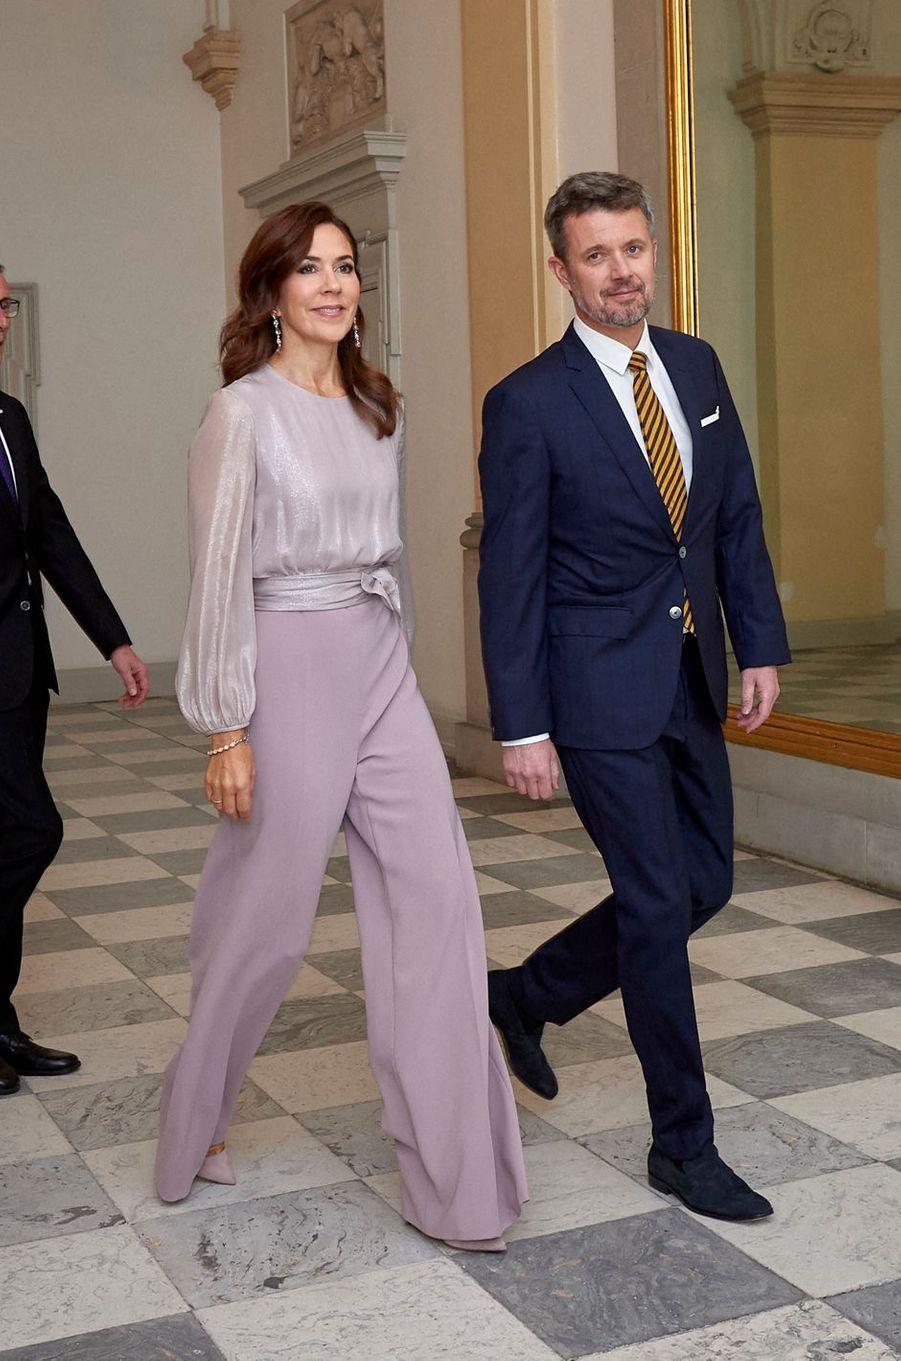 La princesse Mary, en Max Mara, et le prince Frederik de Danemark à Copenhague, le 11 octobre 2019